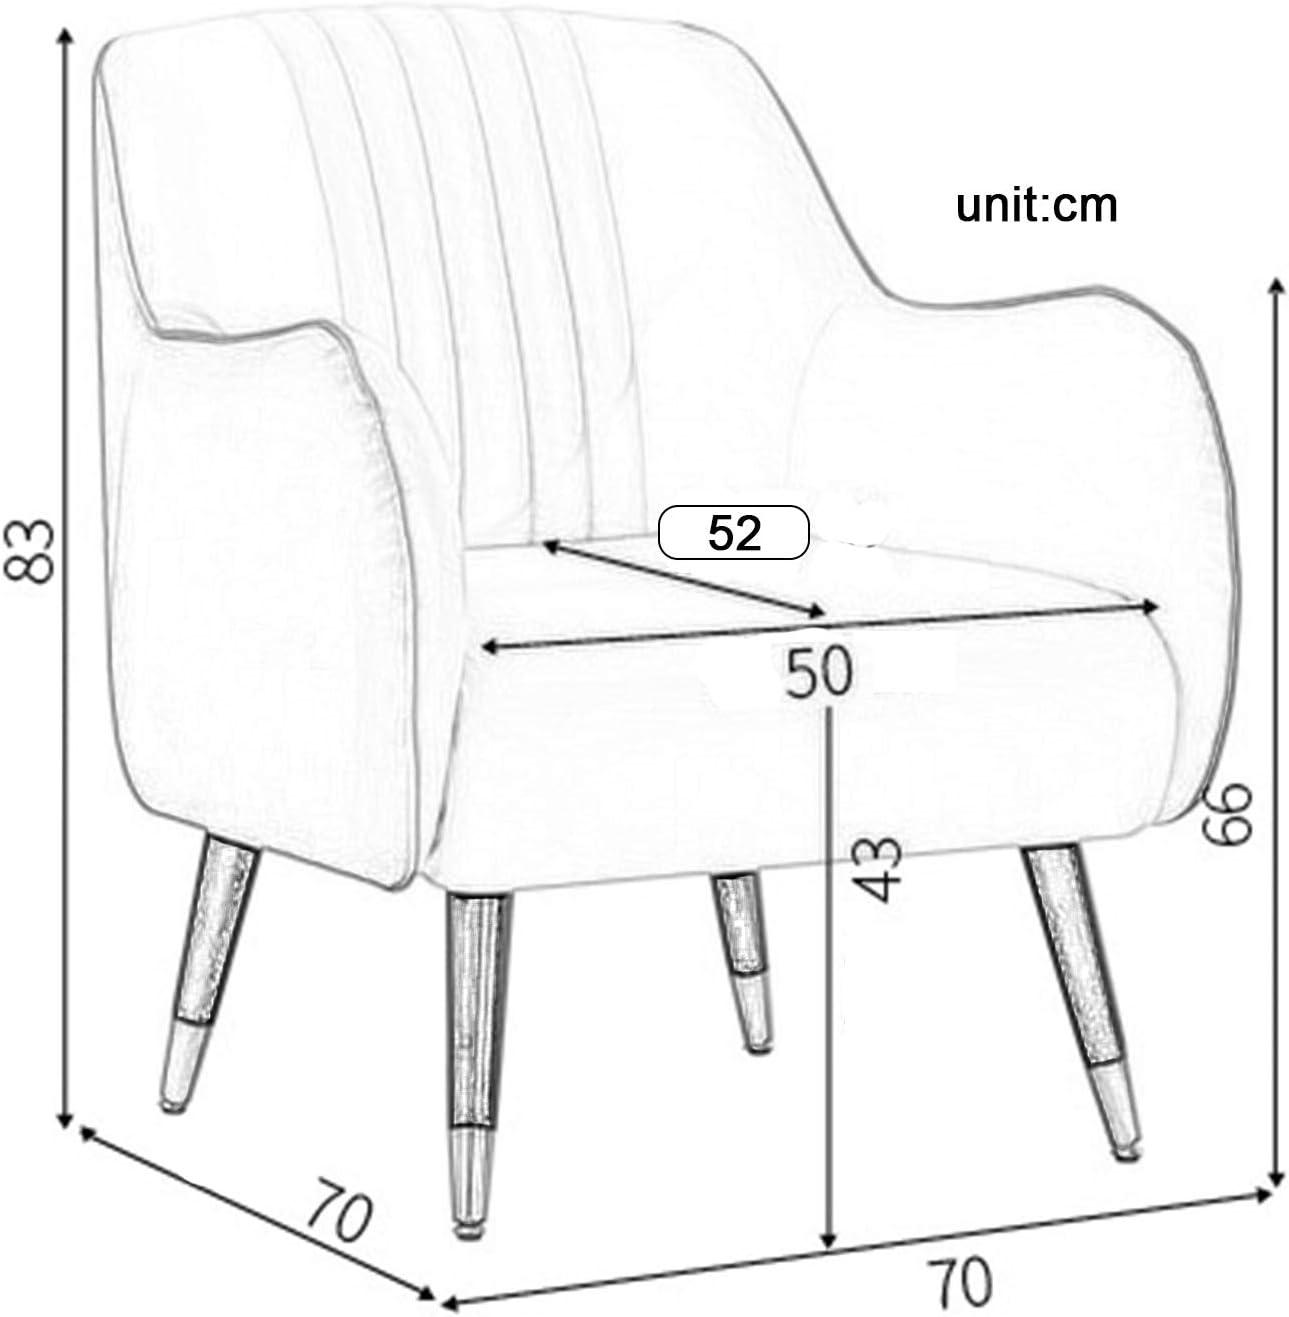 Petit Appartement Canapé Chaise De Dos De Loisirs Simple Pied-de-Poule Coton Lin Coussin Maison Fauteuil 1104S(Color:ré) Ré